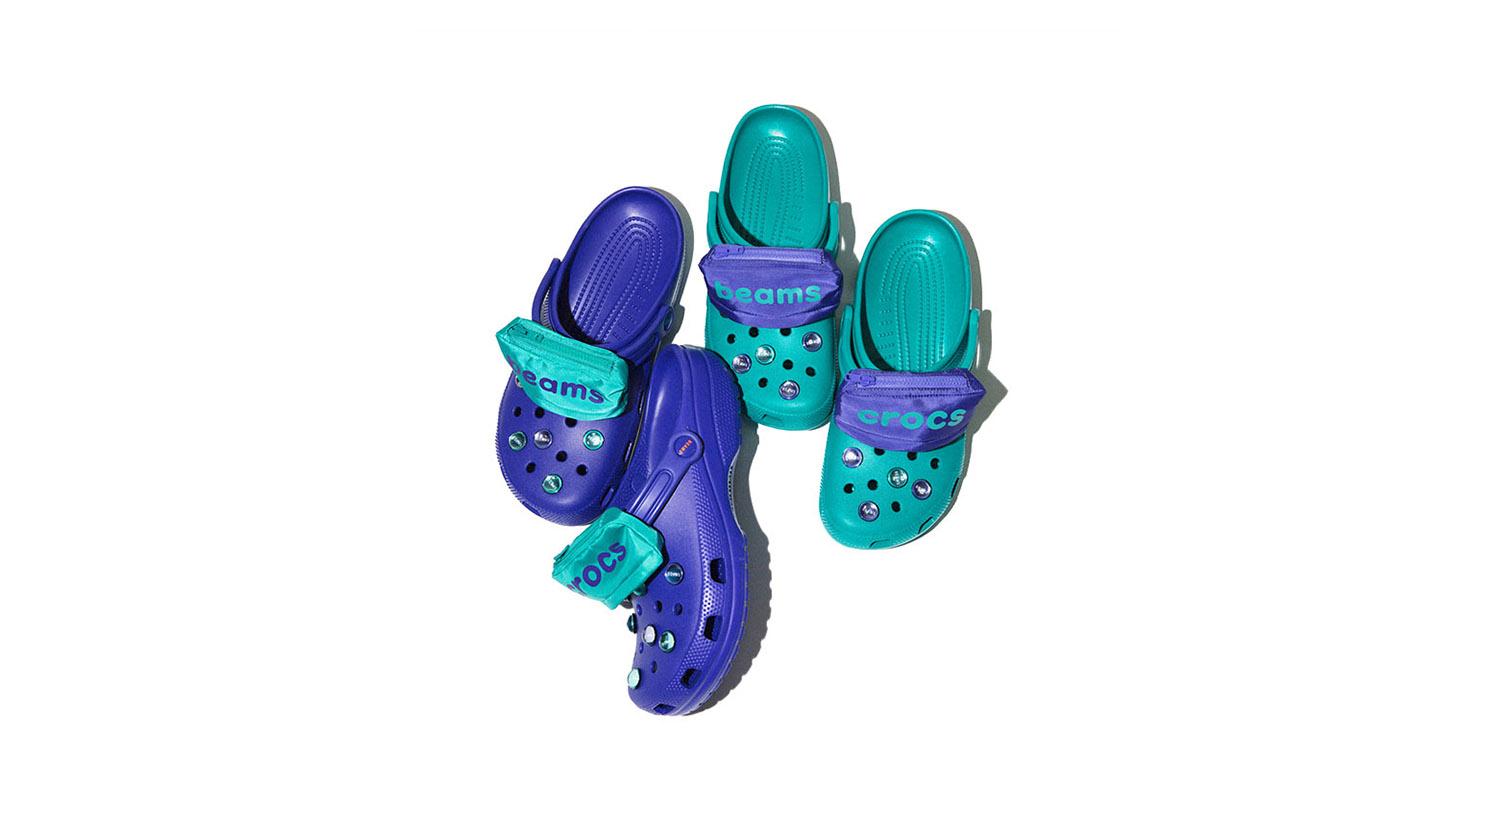 crocs_beams1